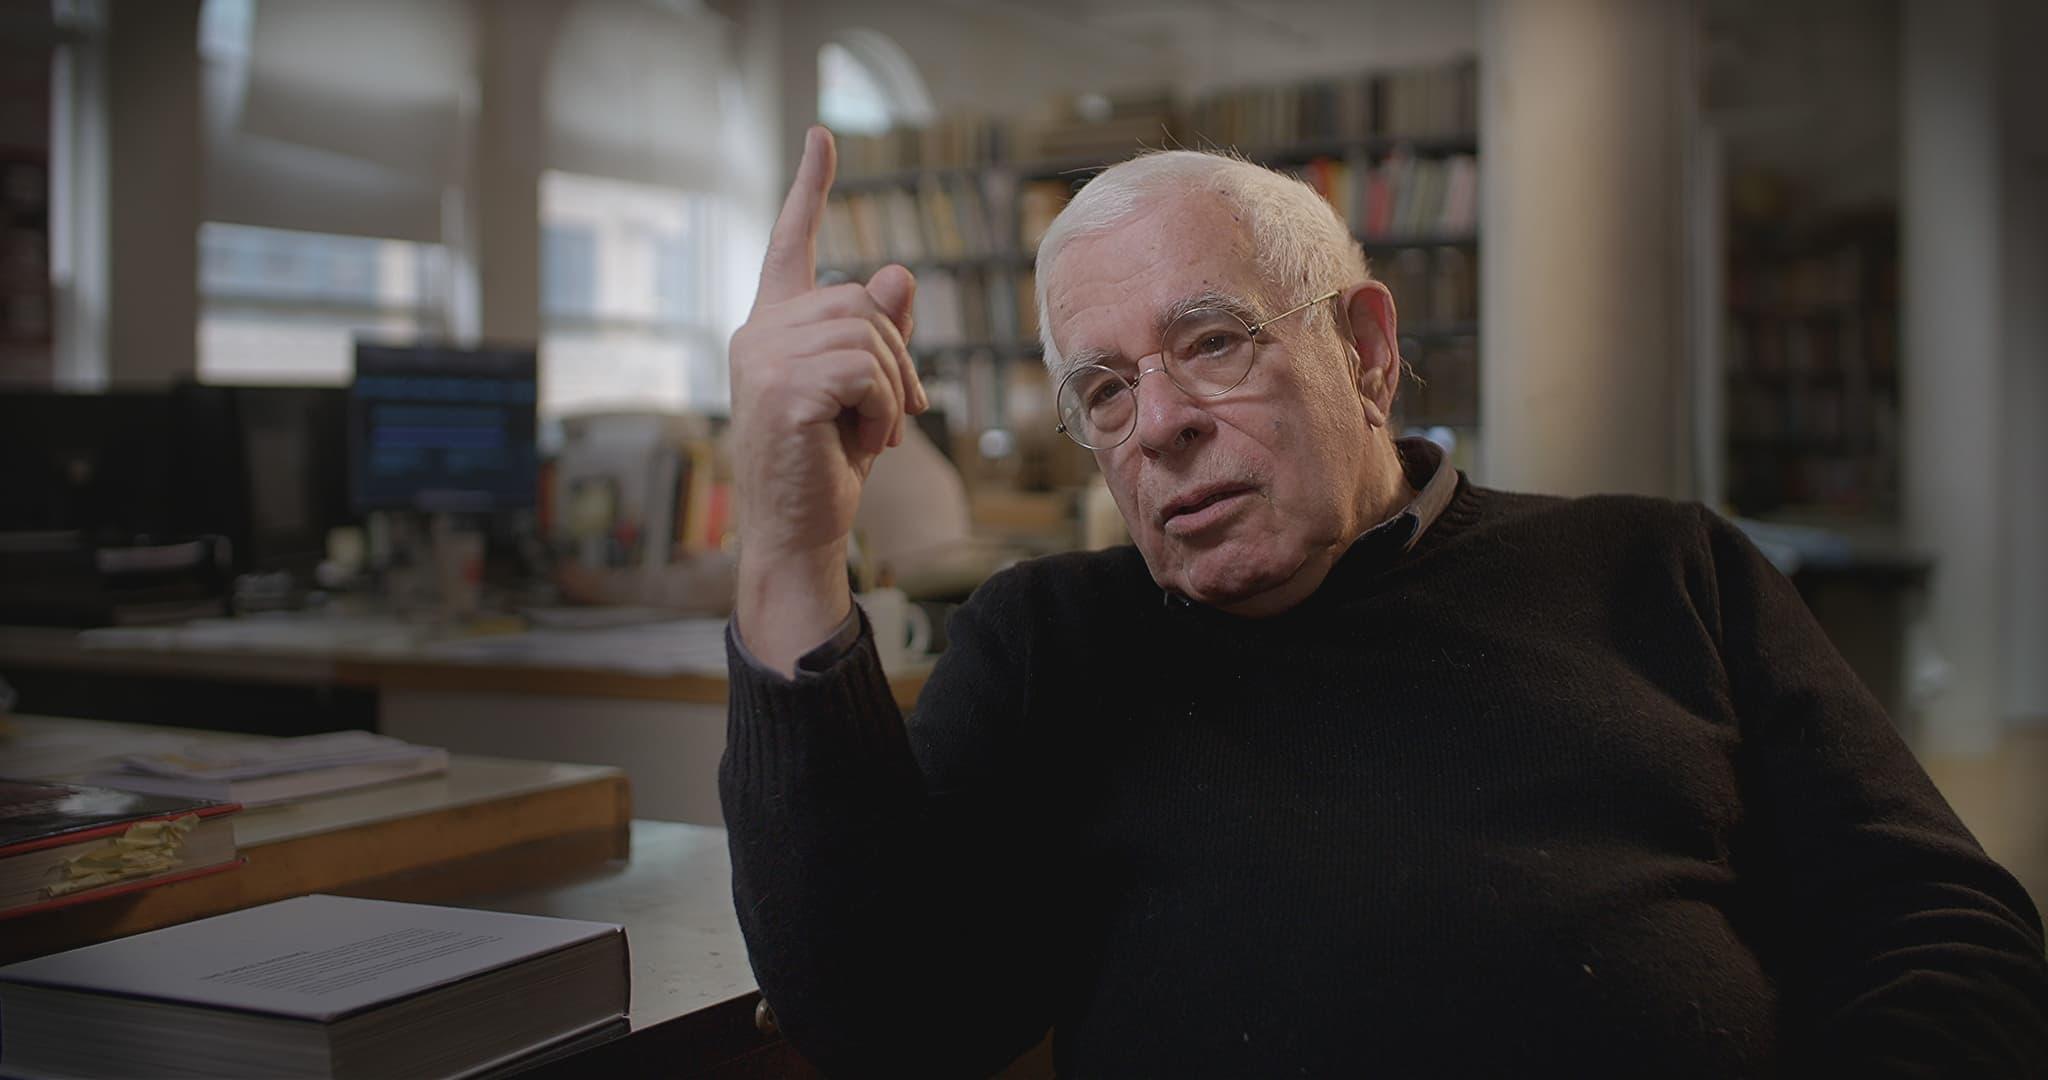 Star-Architekt Peter Eisenman (New York) im Gespräch. © NOW Collective.